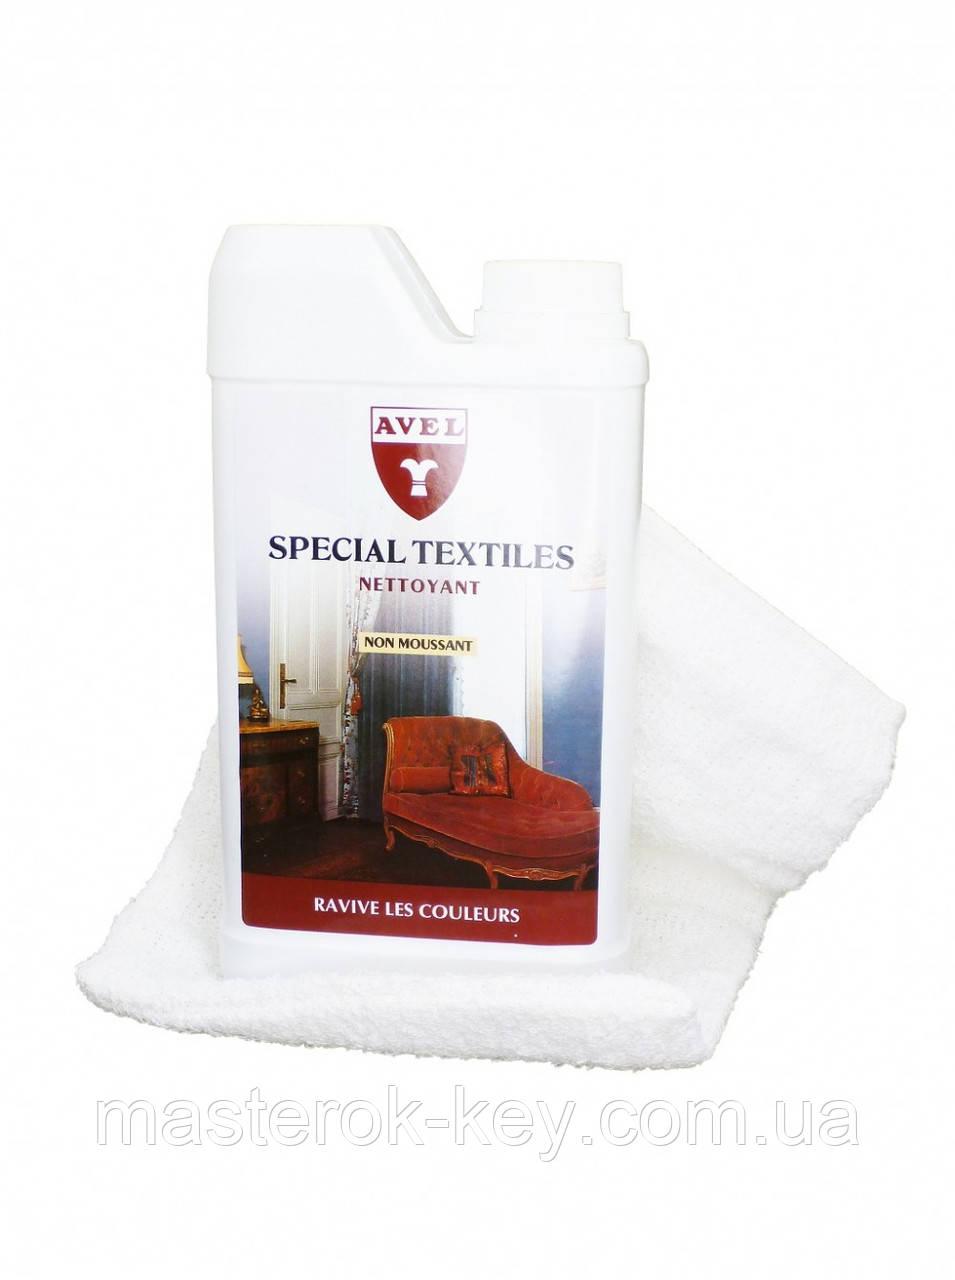 Очиститель для текстиля Avel Special Textiles 500 мл бесцветный